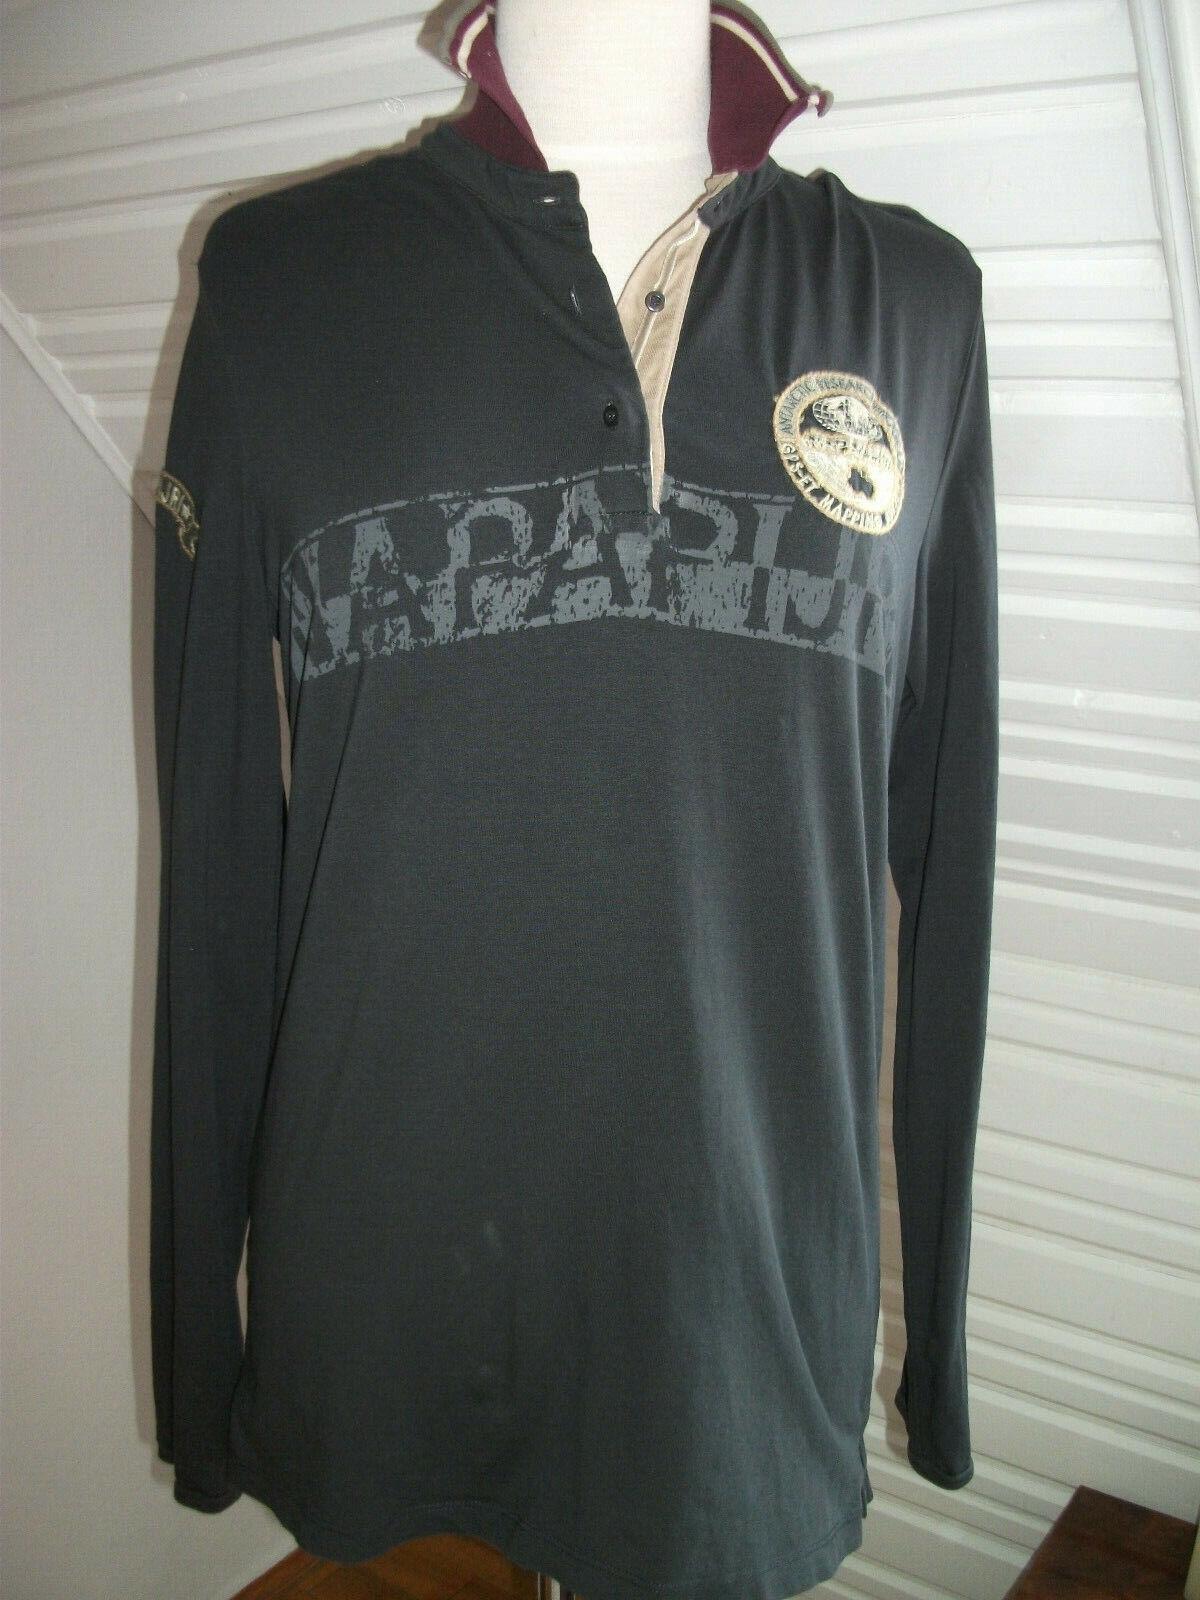 Orig. Napapijri - sportliches,bequemes,graues Shirt mit  Knopfleiste Gr.42 neuw. | Realistisch  | Niedrige Kosten  | Hervorragende Eigenschaften  | Hochwertige Materialien  | Sonderpreis